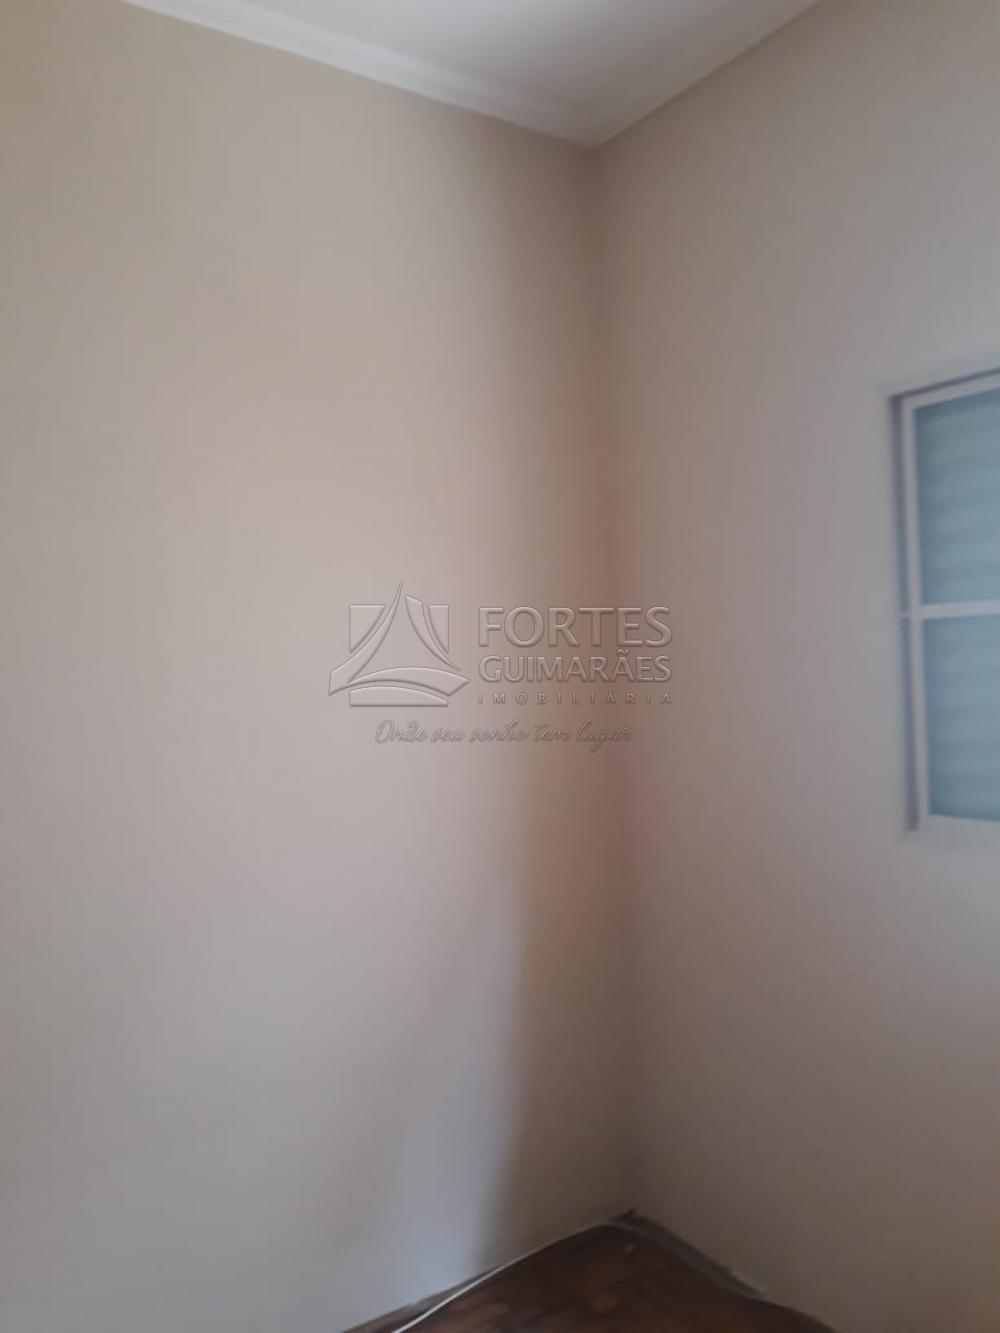 Alugar Casas / Padrão em Ribeirão Preto apenas R$ 850,00 - Foto 16